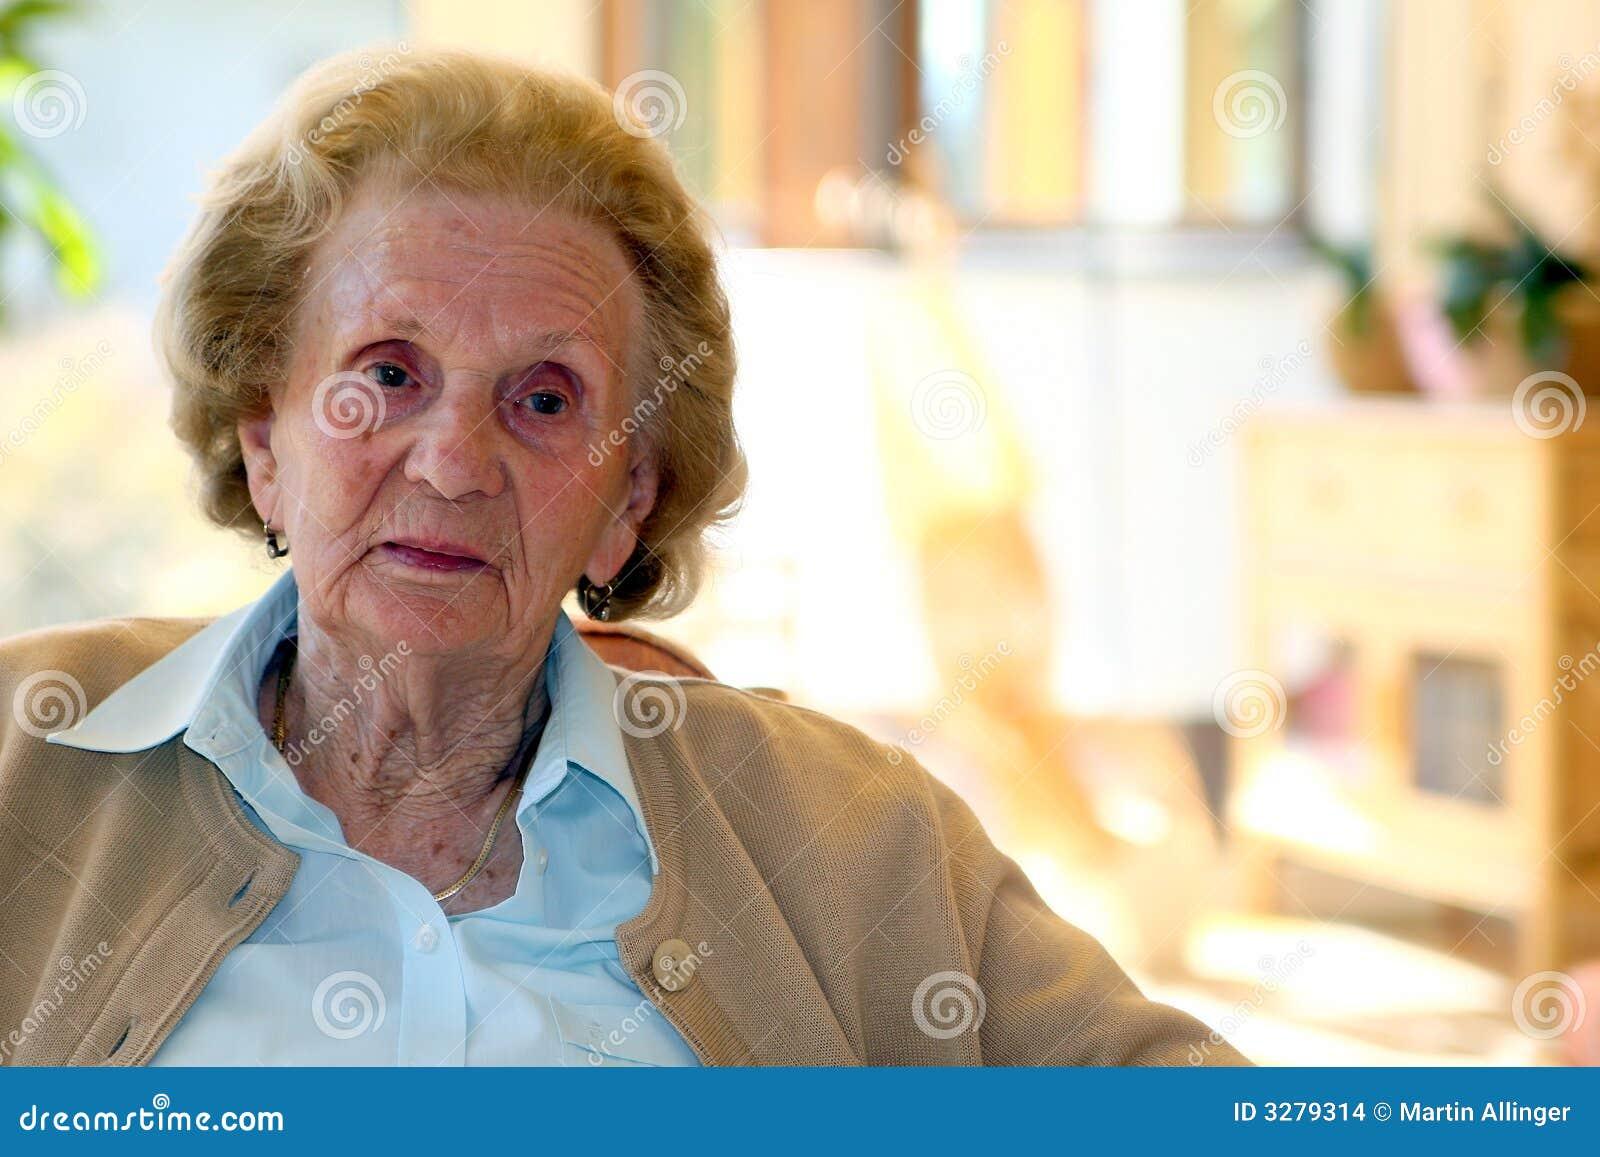 Grannies in ICLOUD LEAK images 75